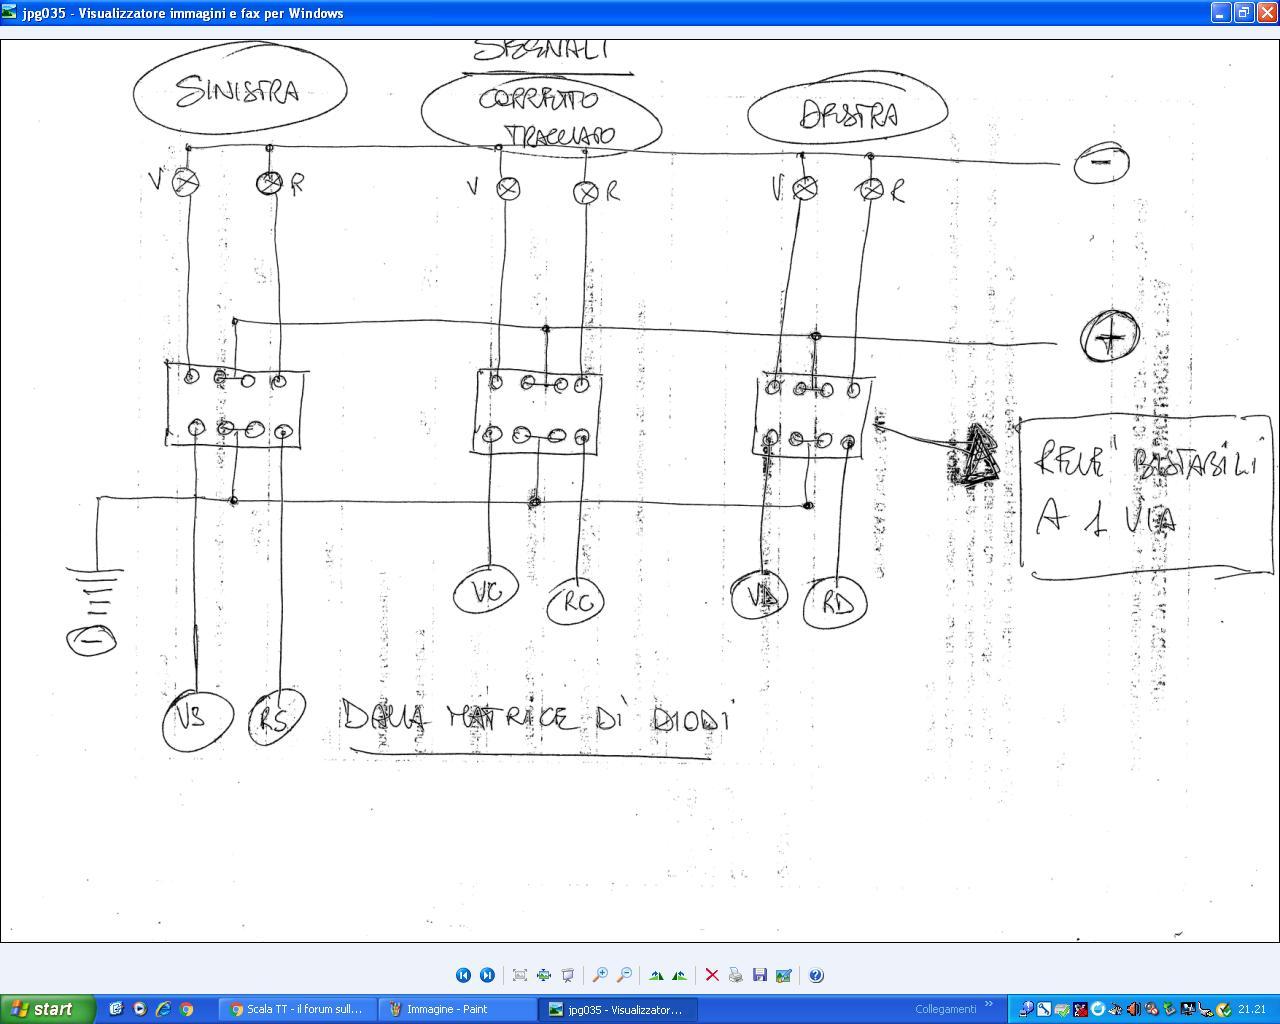 Schema Elettrico Deviata : Schema unifilare impianto elettrico civile abitazione best app